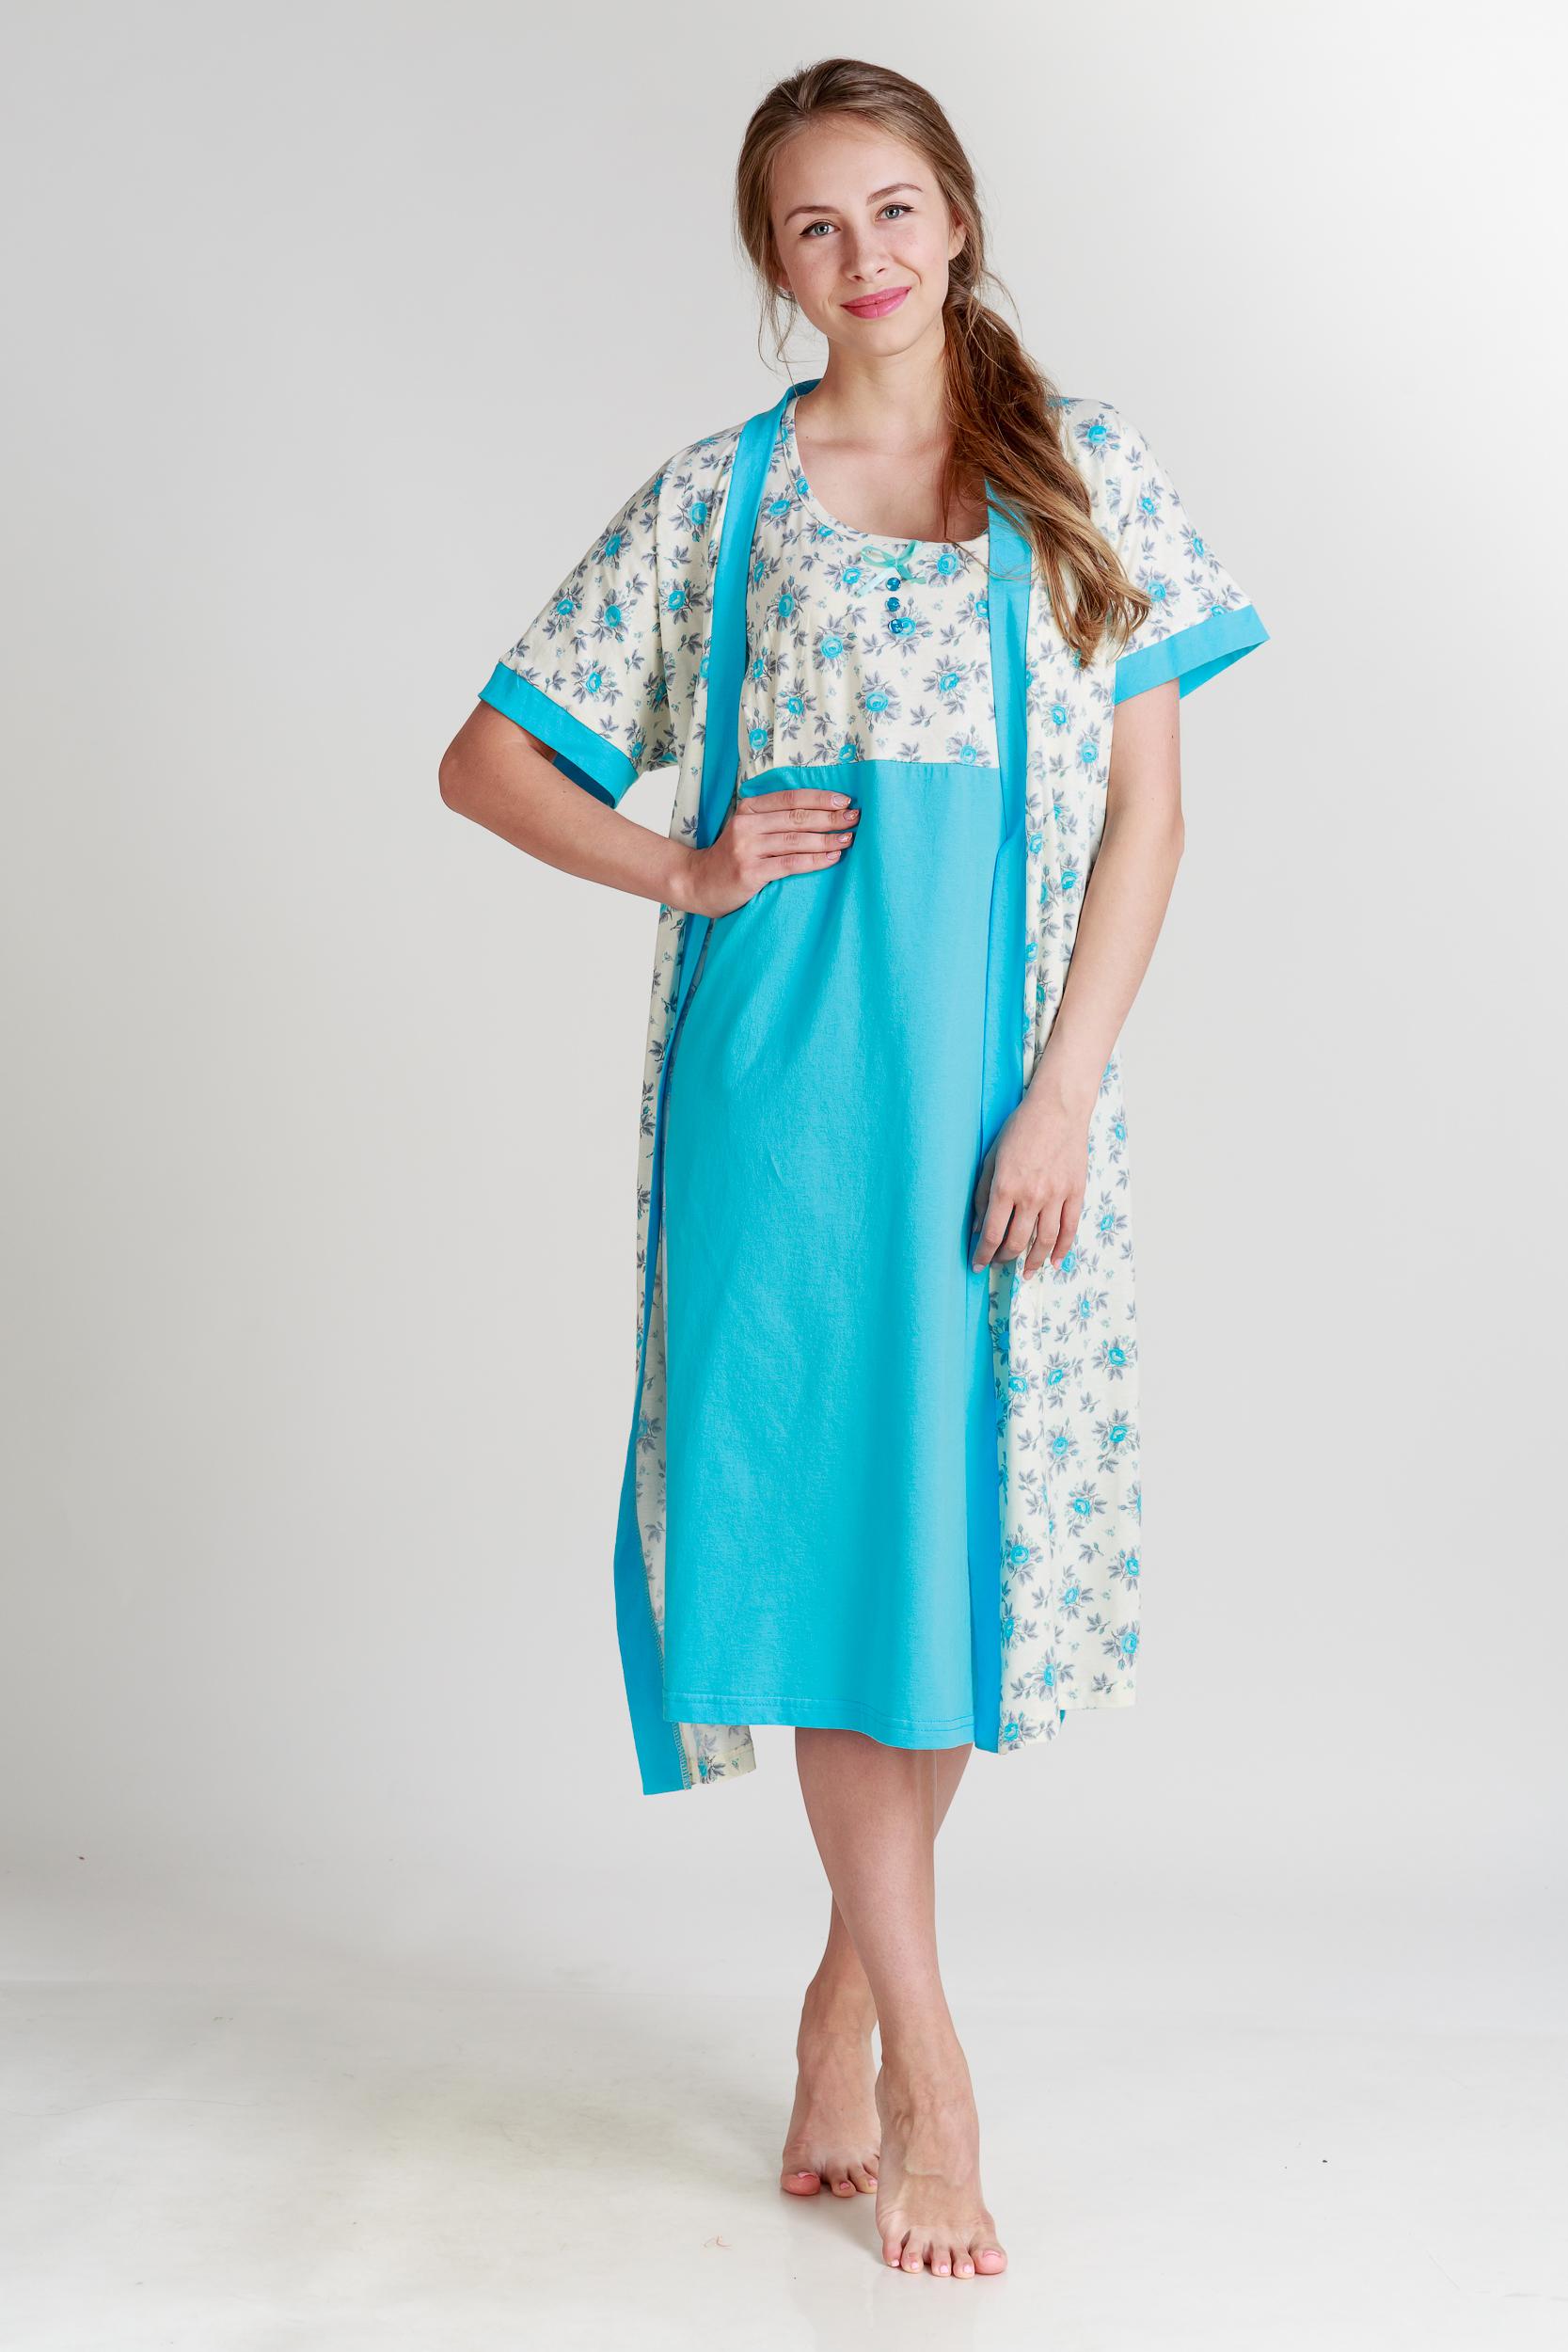 Домашние халаты Pastilla Халат и сорочка Ваниль Цвет: Голубой (L) сорочка ночная для беременных и кормящих мамин дом мамин дом цвет голубой 24130 размер 48